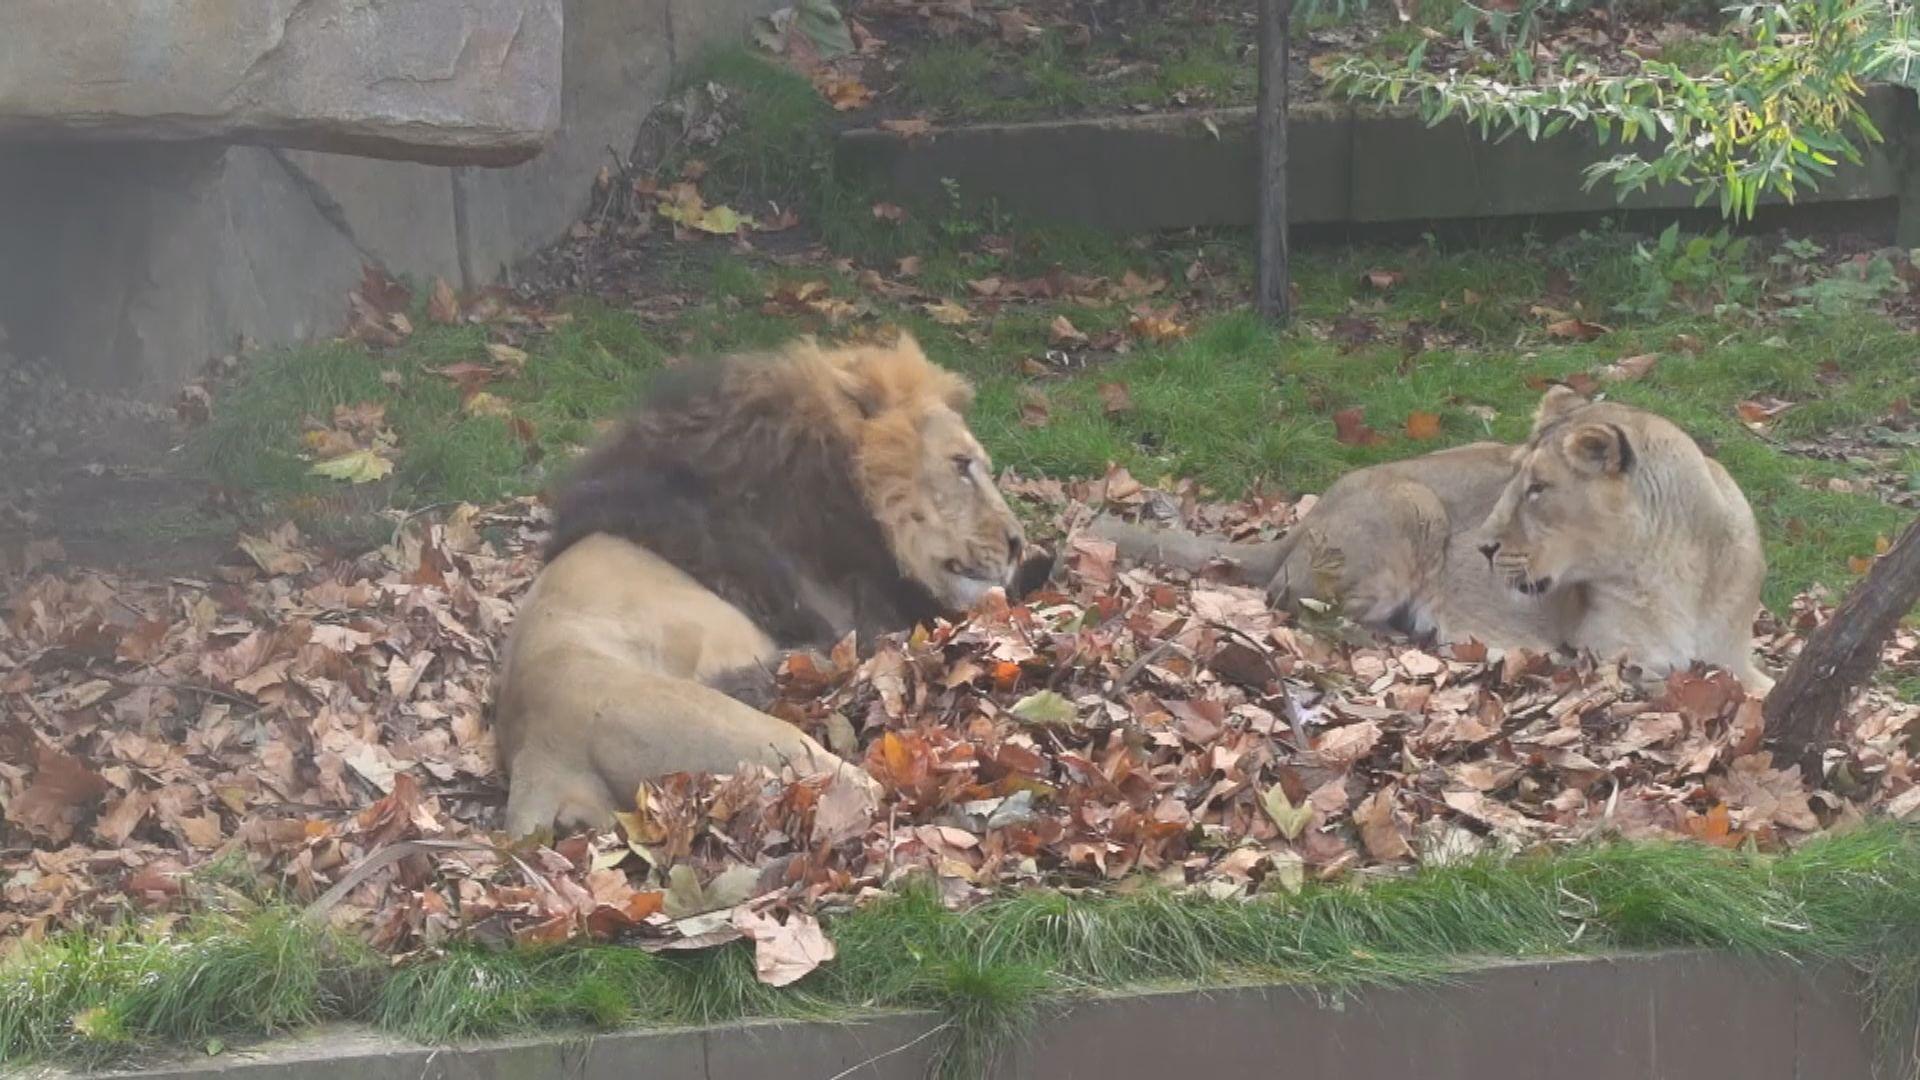 【環球薈報】倫敦動物園獅子享受與新玩具玩樂